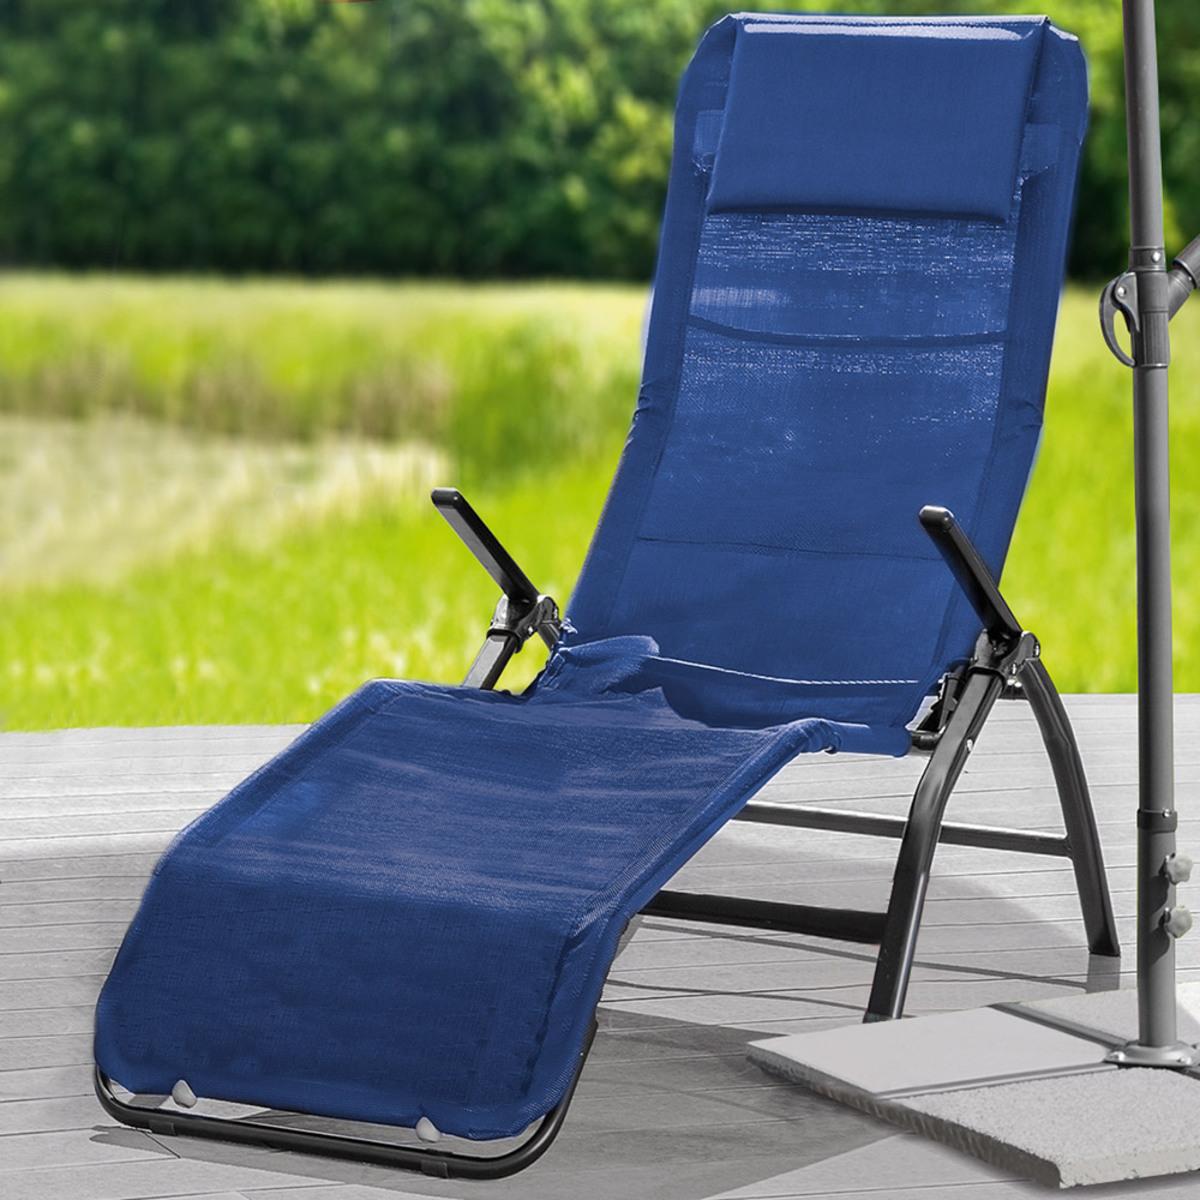 Bild 1 von Solax-Sunshine Garten- und Saunaliege, Blau